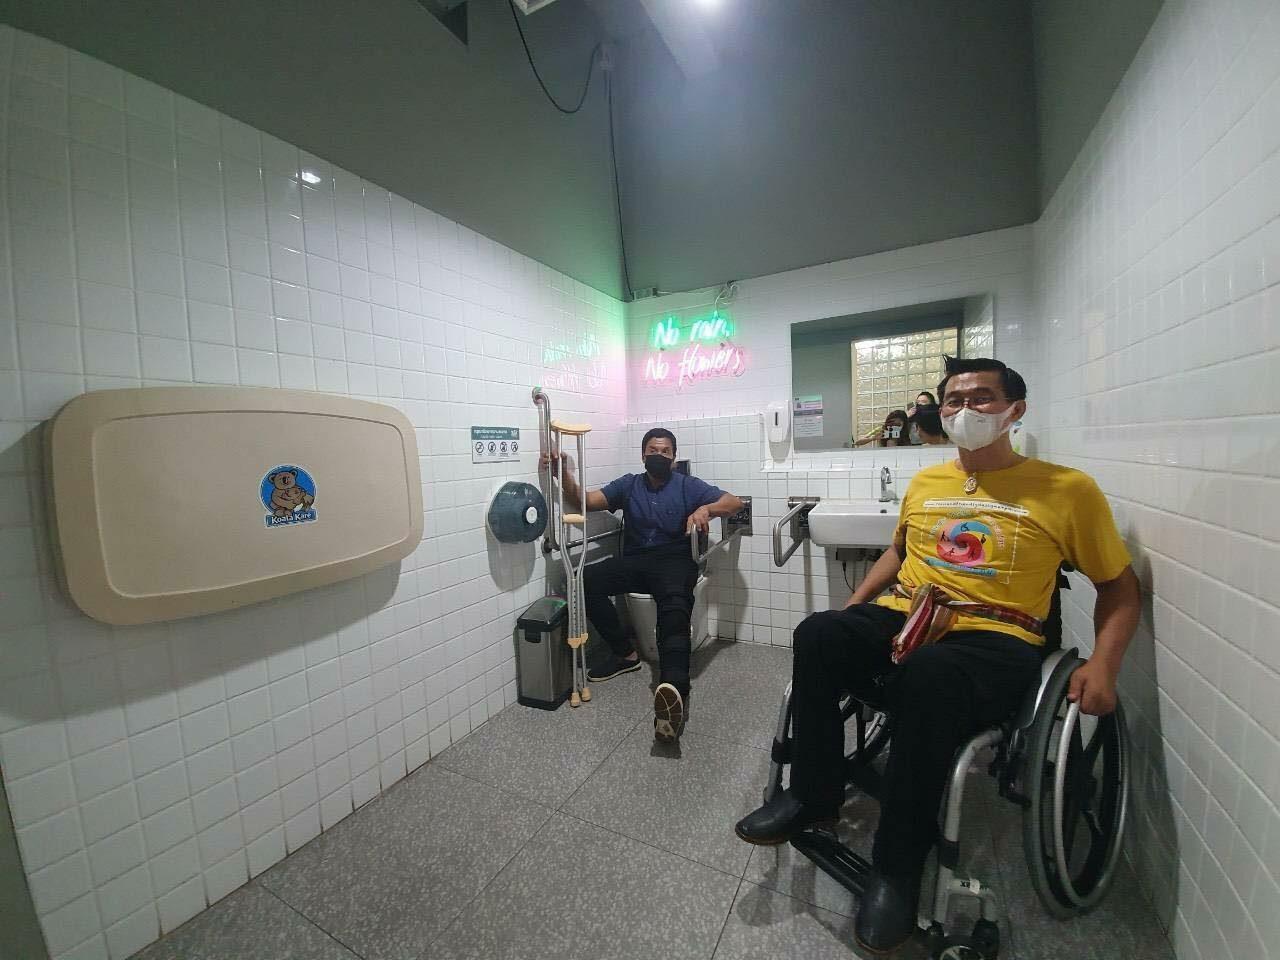 ชัชชาติ นำเครือข่ายมนุษย์ล้อ ทดลองสำรวจการเดินทางของผู้พิการ ใจกลางกรุงฯ